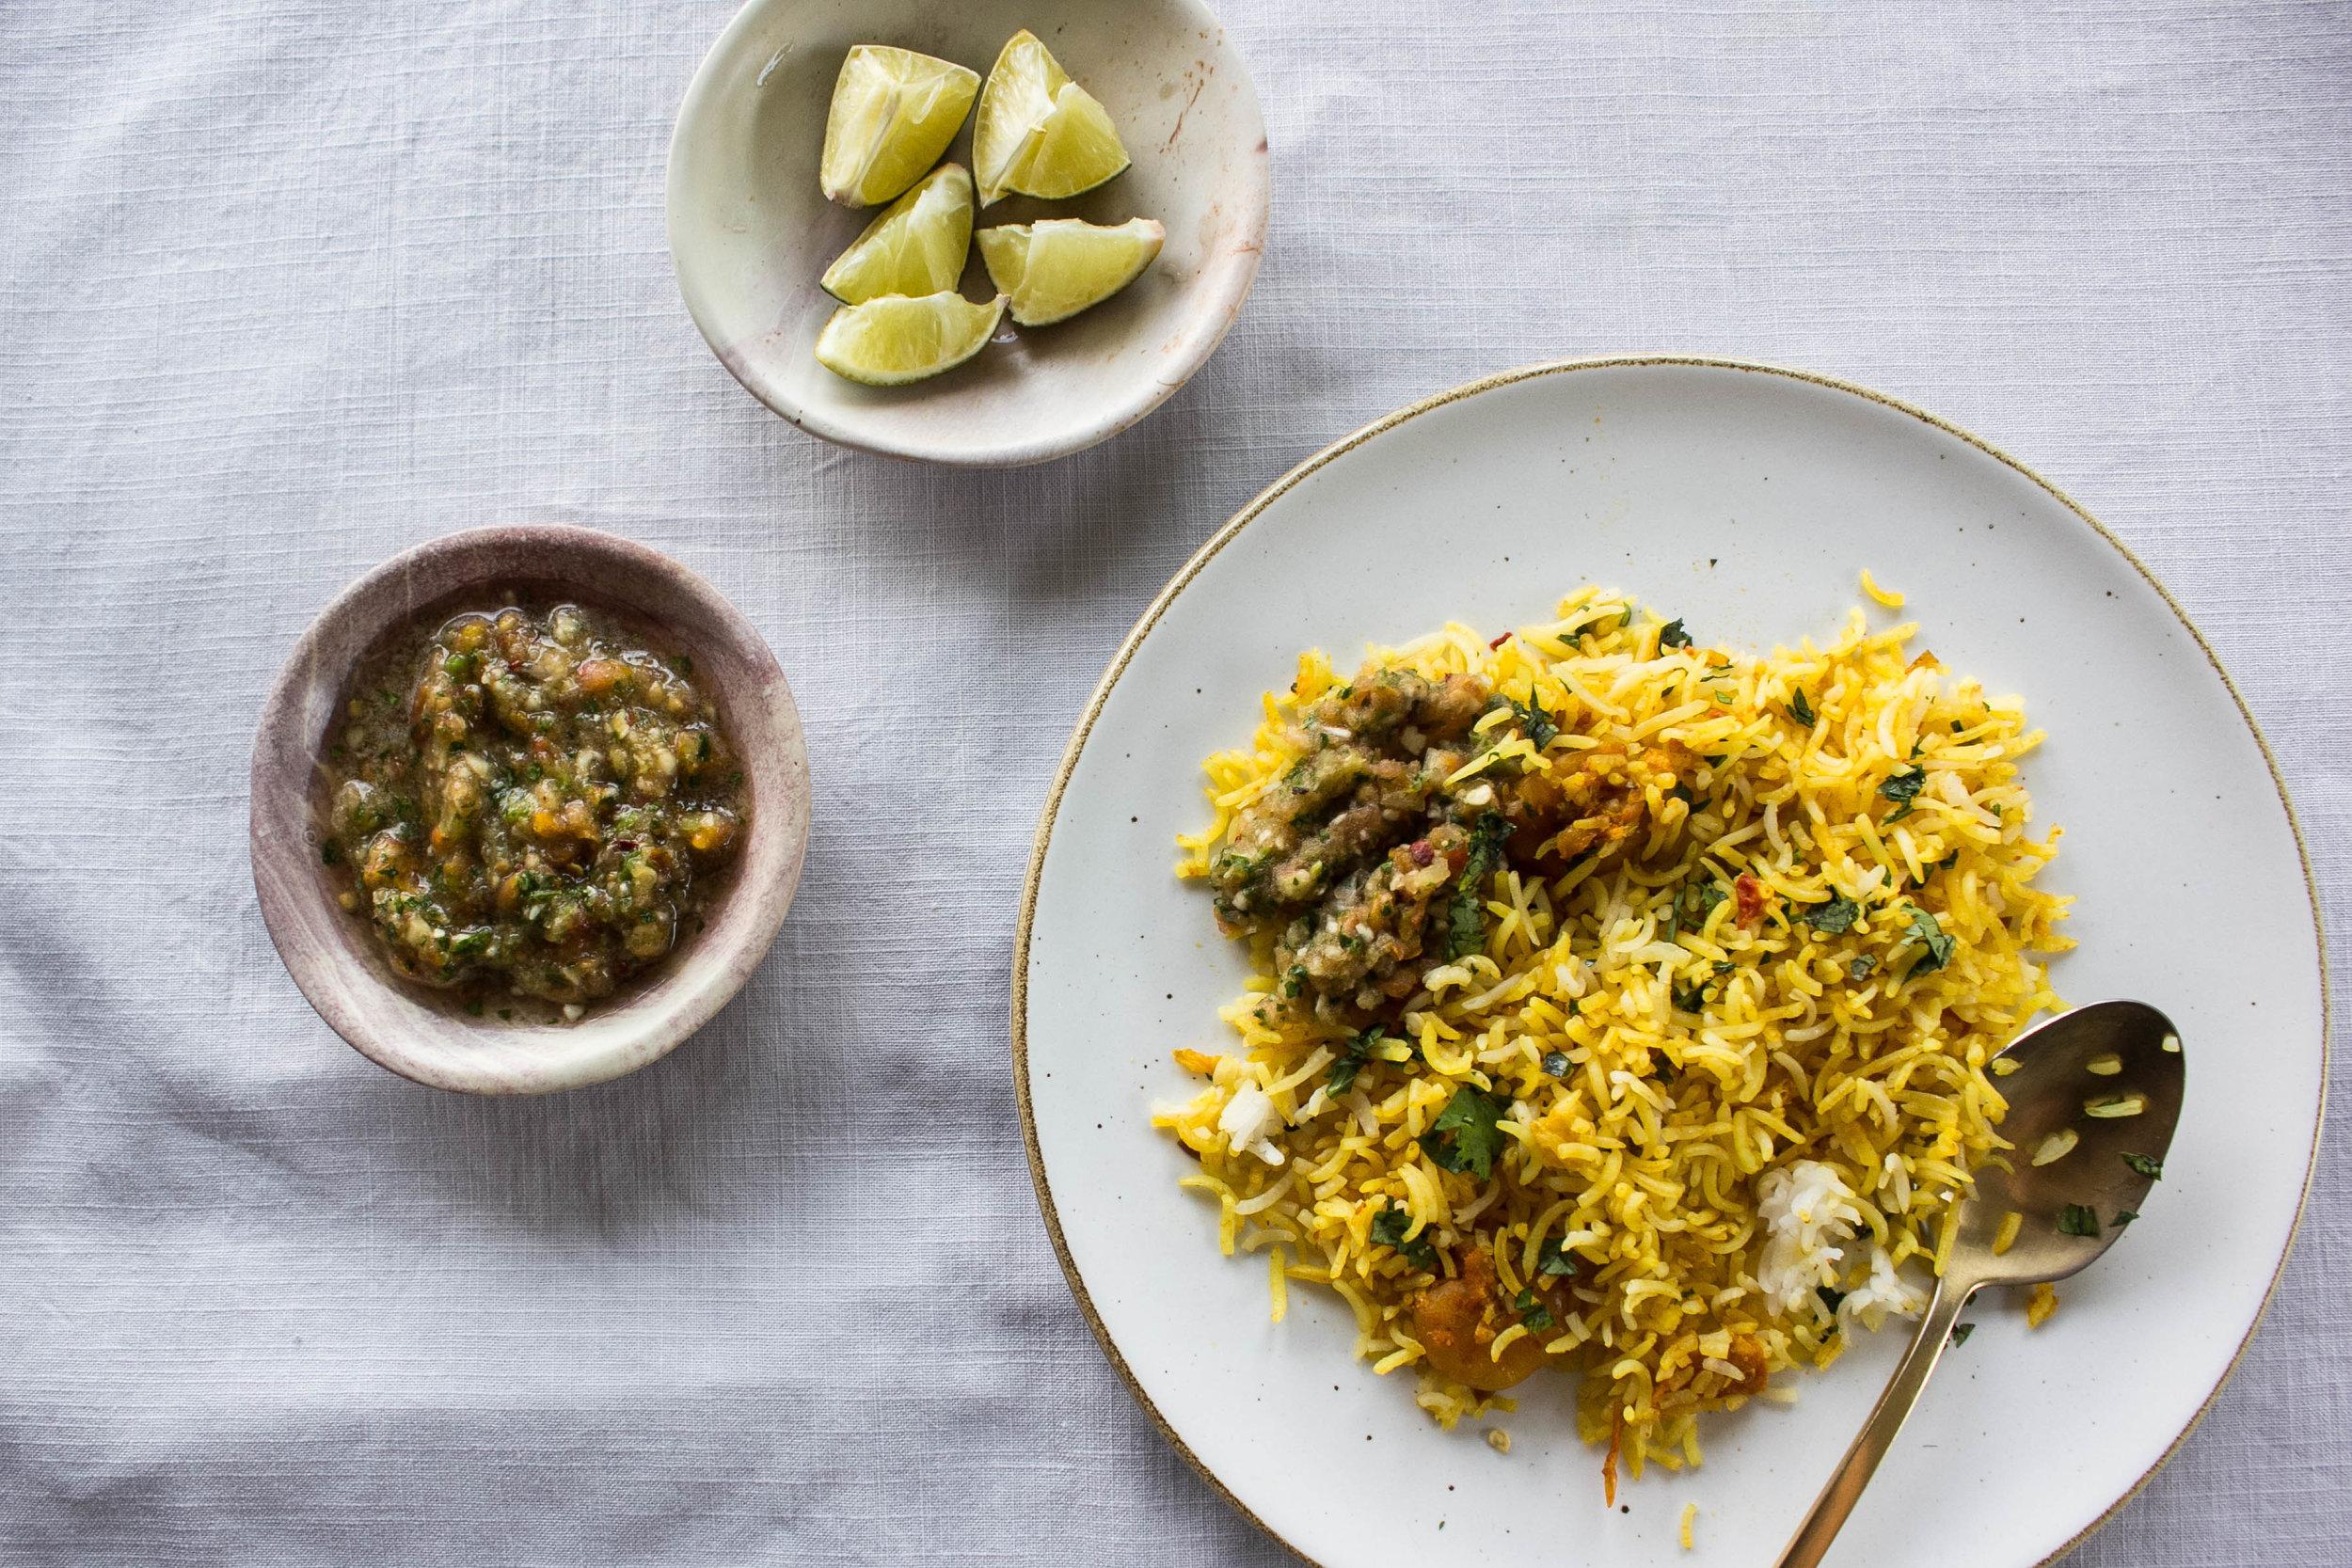 prawn-biryani-with-cilantro-chutney.jpg